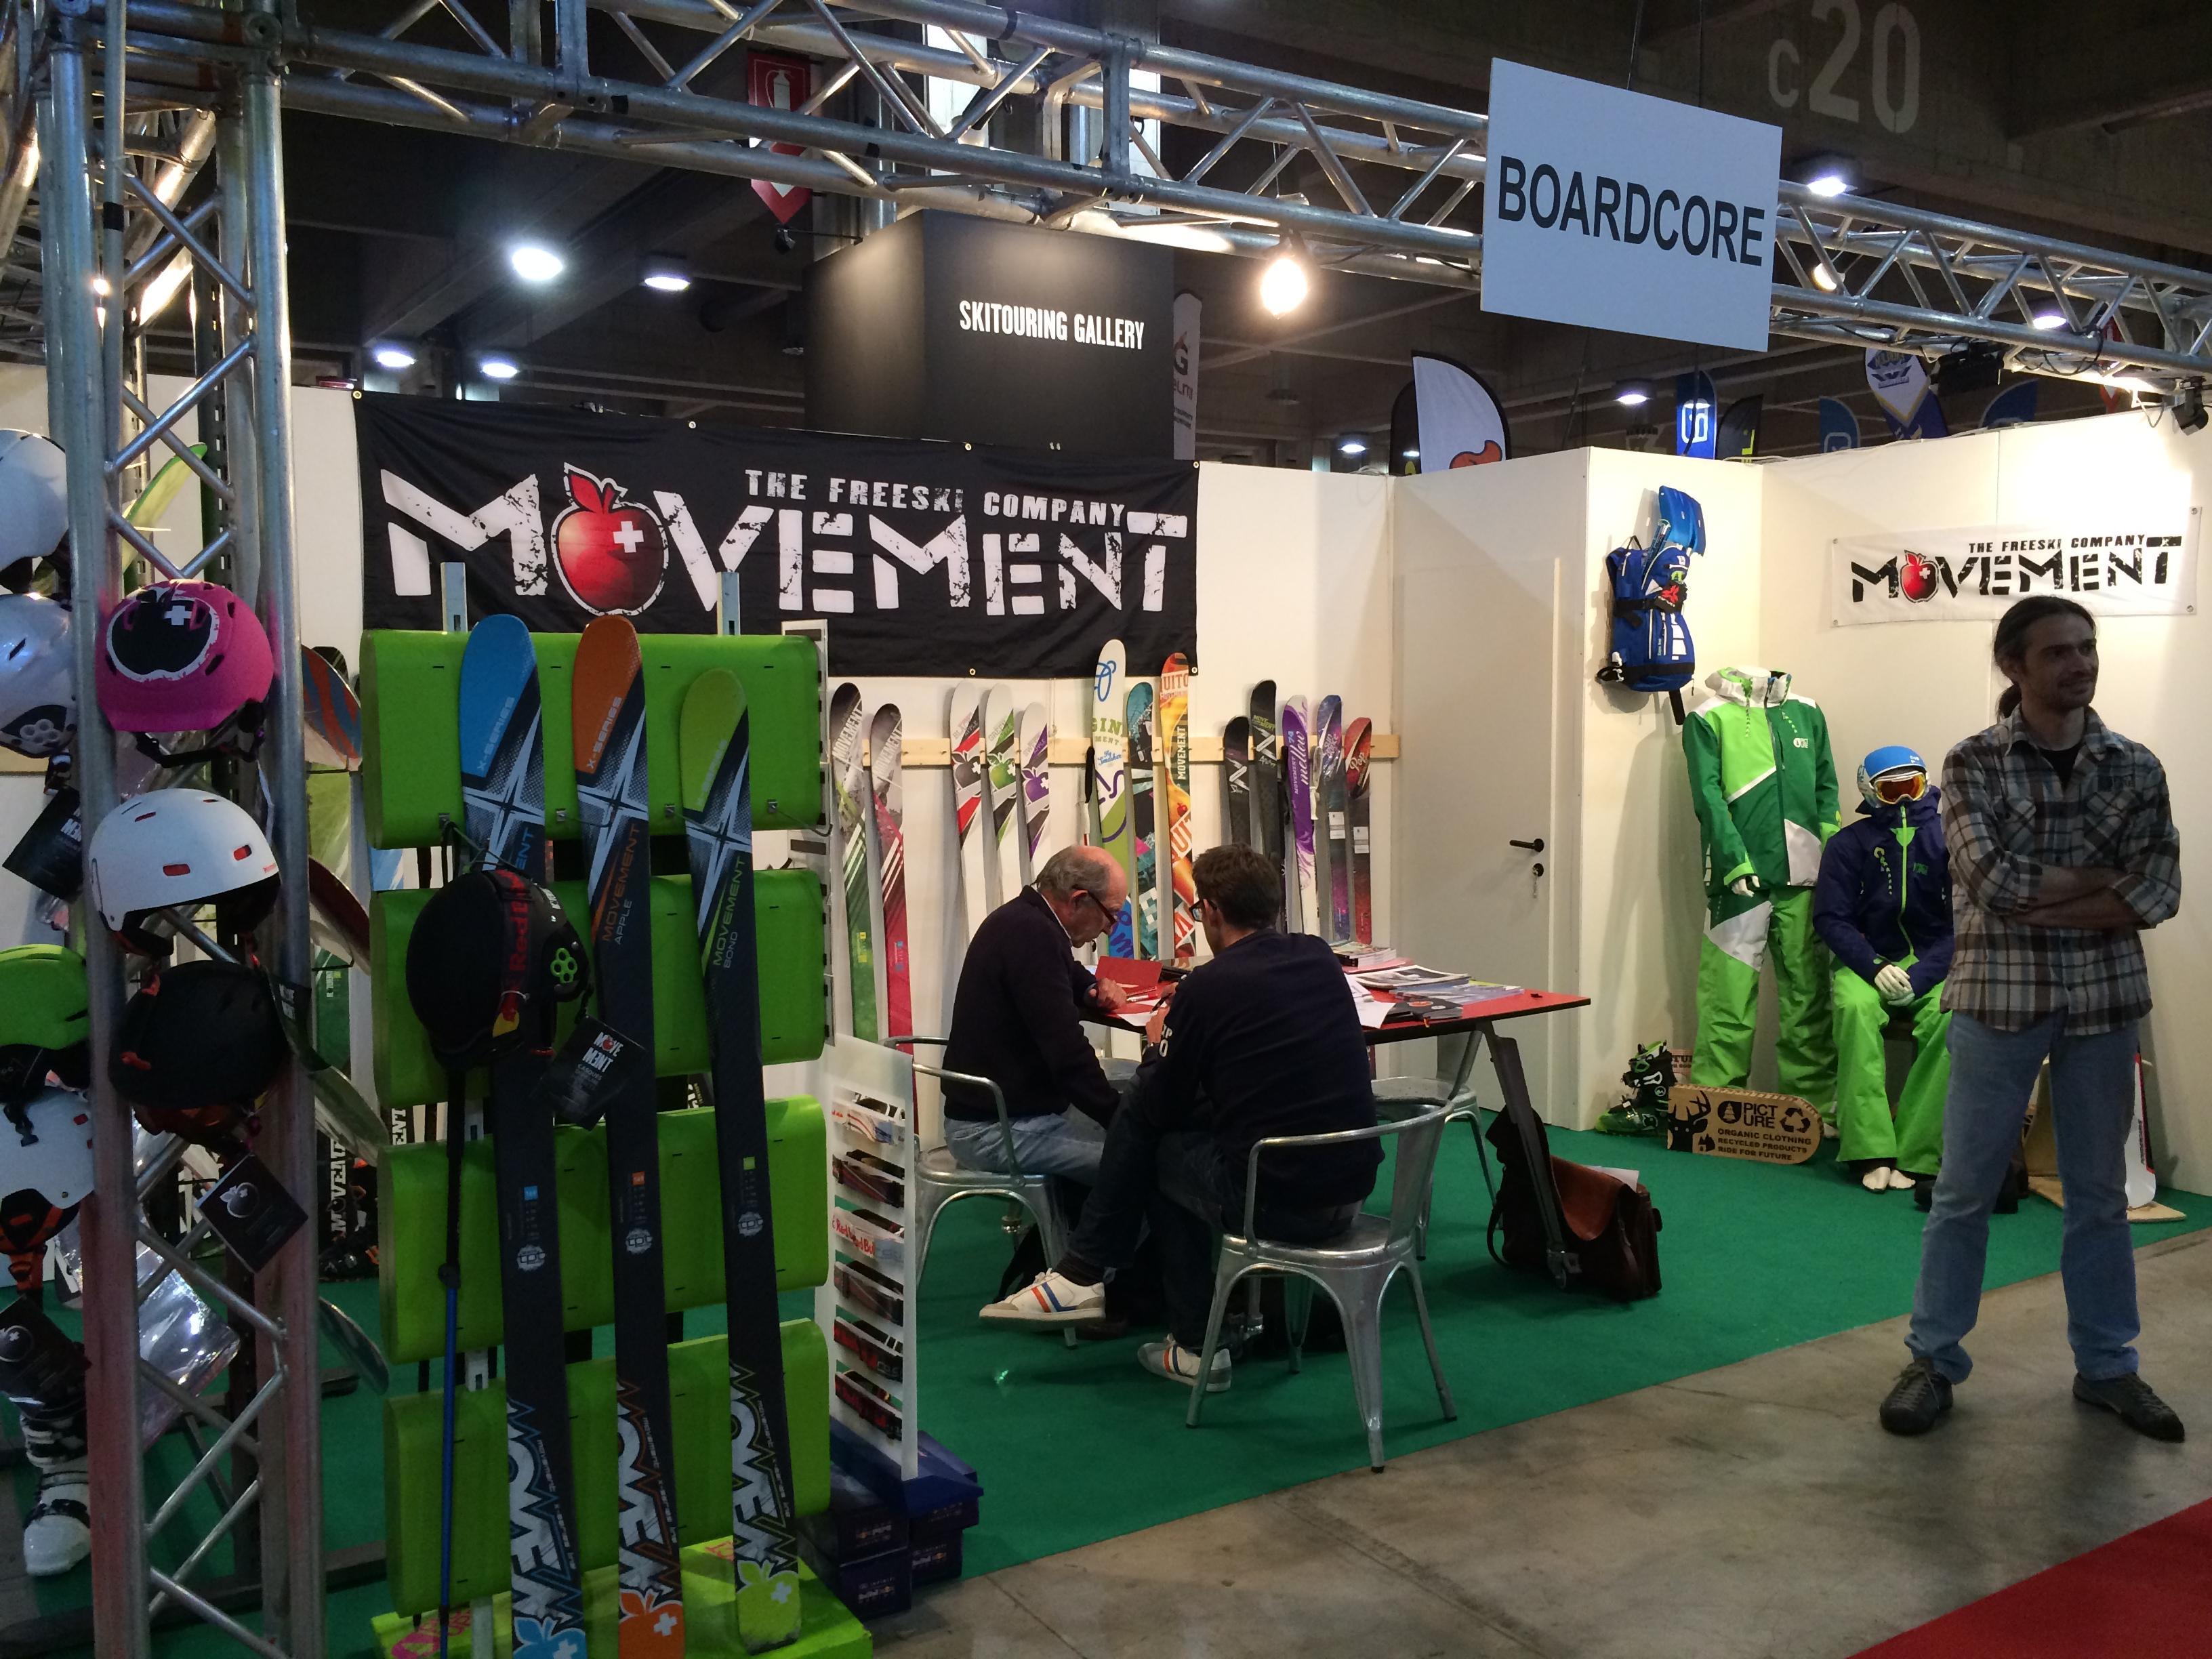 En tan sólo 12 años Movement ha sabido posicionarse como marca top en freeriding y ski touring.